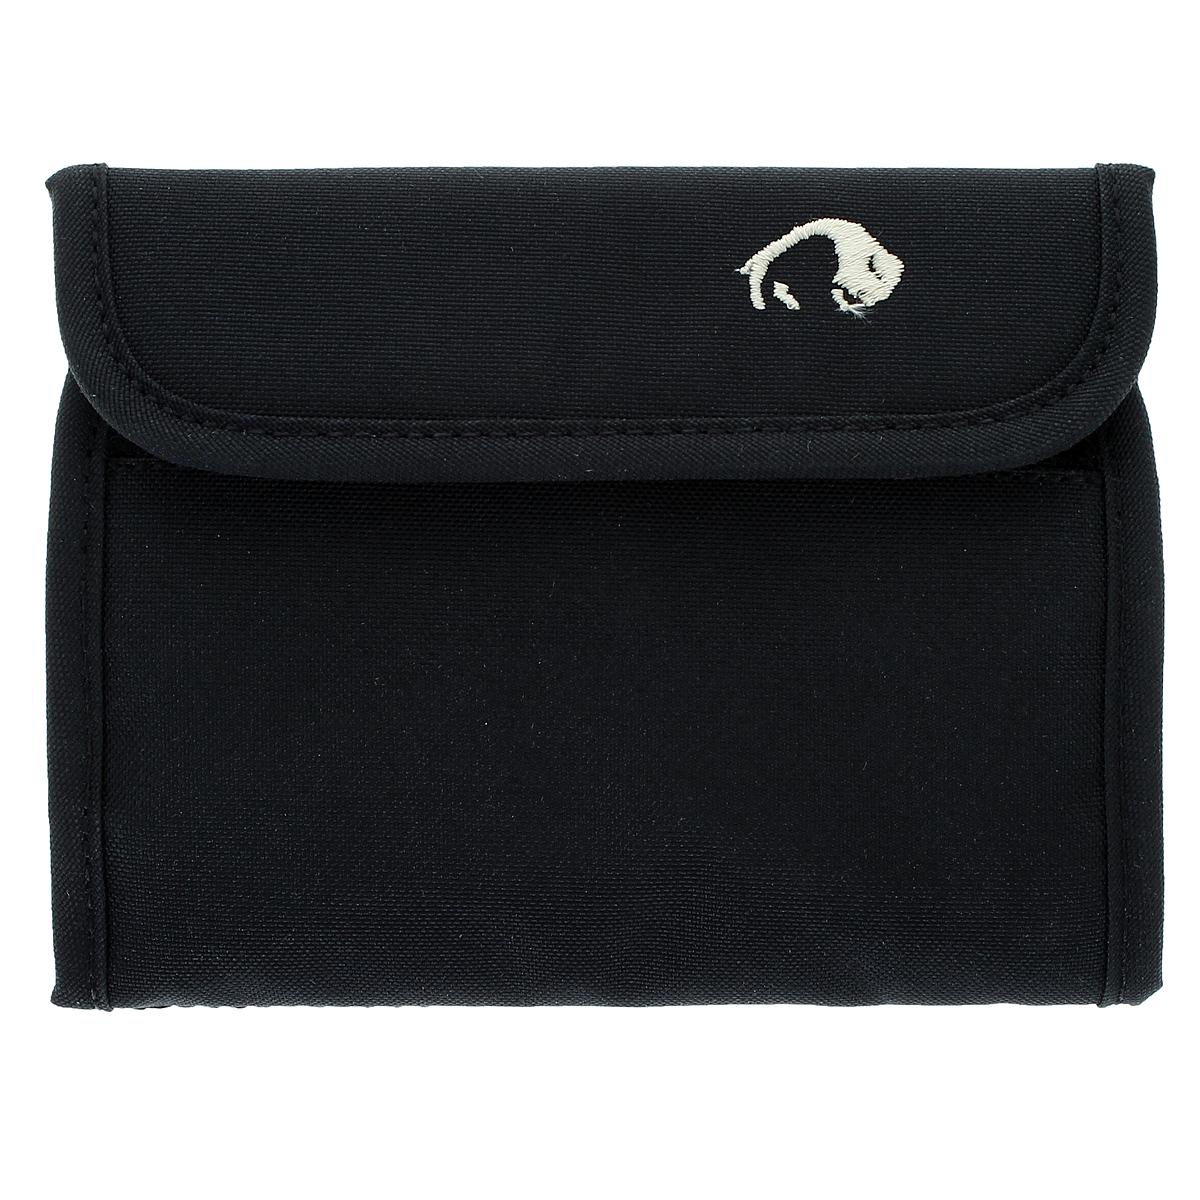 Кошелек Tatonka Euro Wallet, цвет: черныйMABLSEH10001Кошелек Tatonka Euro Wallet сделан специально для купюр евро, такой кошелек послужит вам своей надежностью и функциональностью. Кошелек закрывается на липучку. Внутри состоит из двух отделений для купюр, одно из которых на застежке-молнии, также включает четыре кармашка для кредитных карт, прозрачное пластиковое окошко и потайной кармашек. Наружное отделение на застежке-молнии для мелочи или ключей. Оригинальный кошелек - неотъемлемый атрибут любого, он является повседневнымпредметом пользования, и призван подчеркнутьстиль и вкус его обладателя.